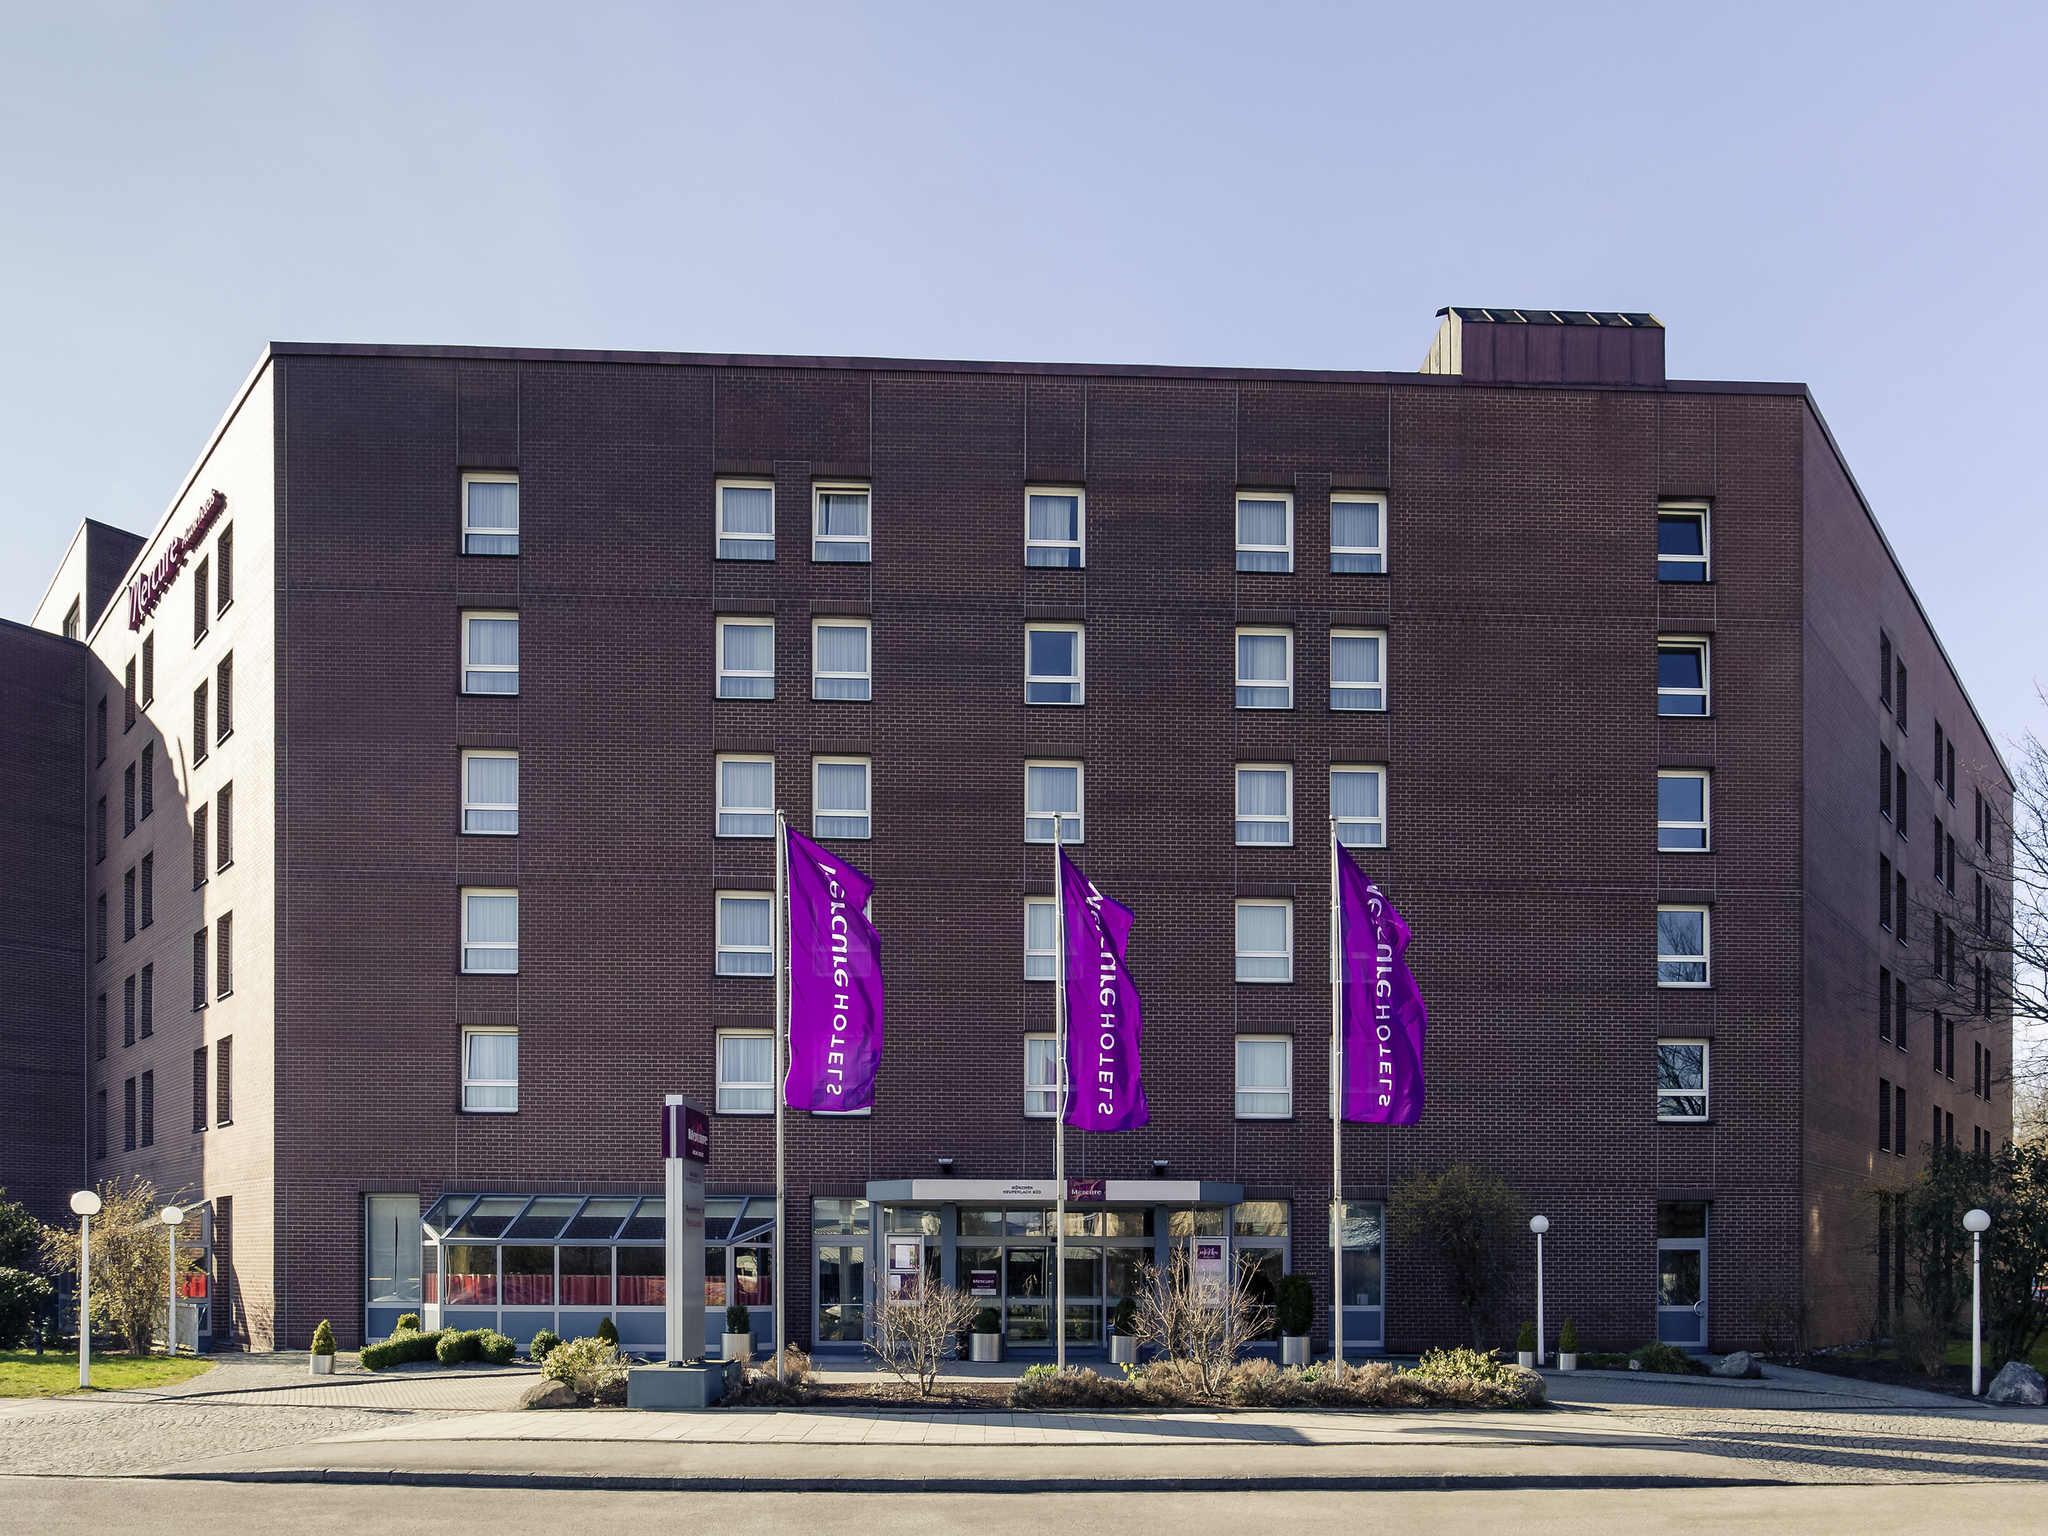 โรงแรม – โรงแรมเมอร์เคียว มุนเช่น นอยเพอร์ลาช ซุด